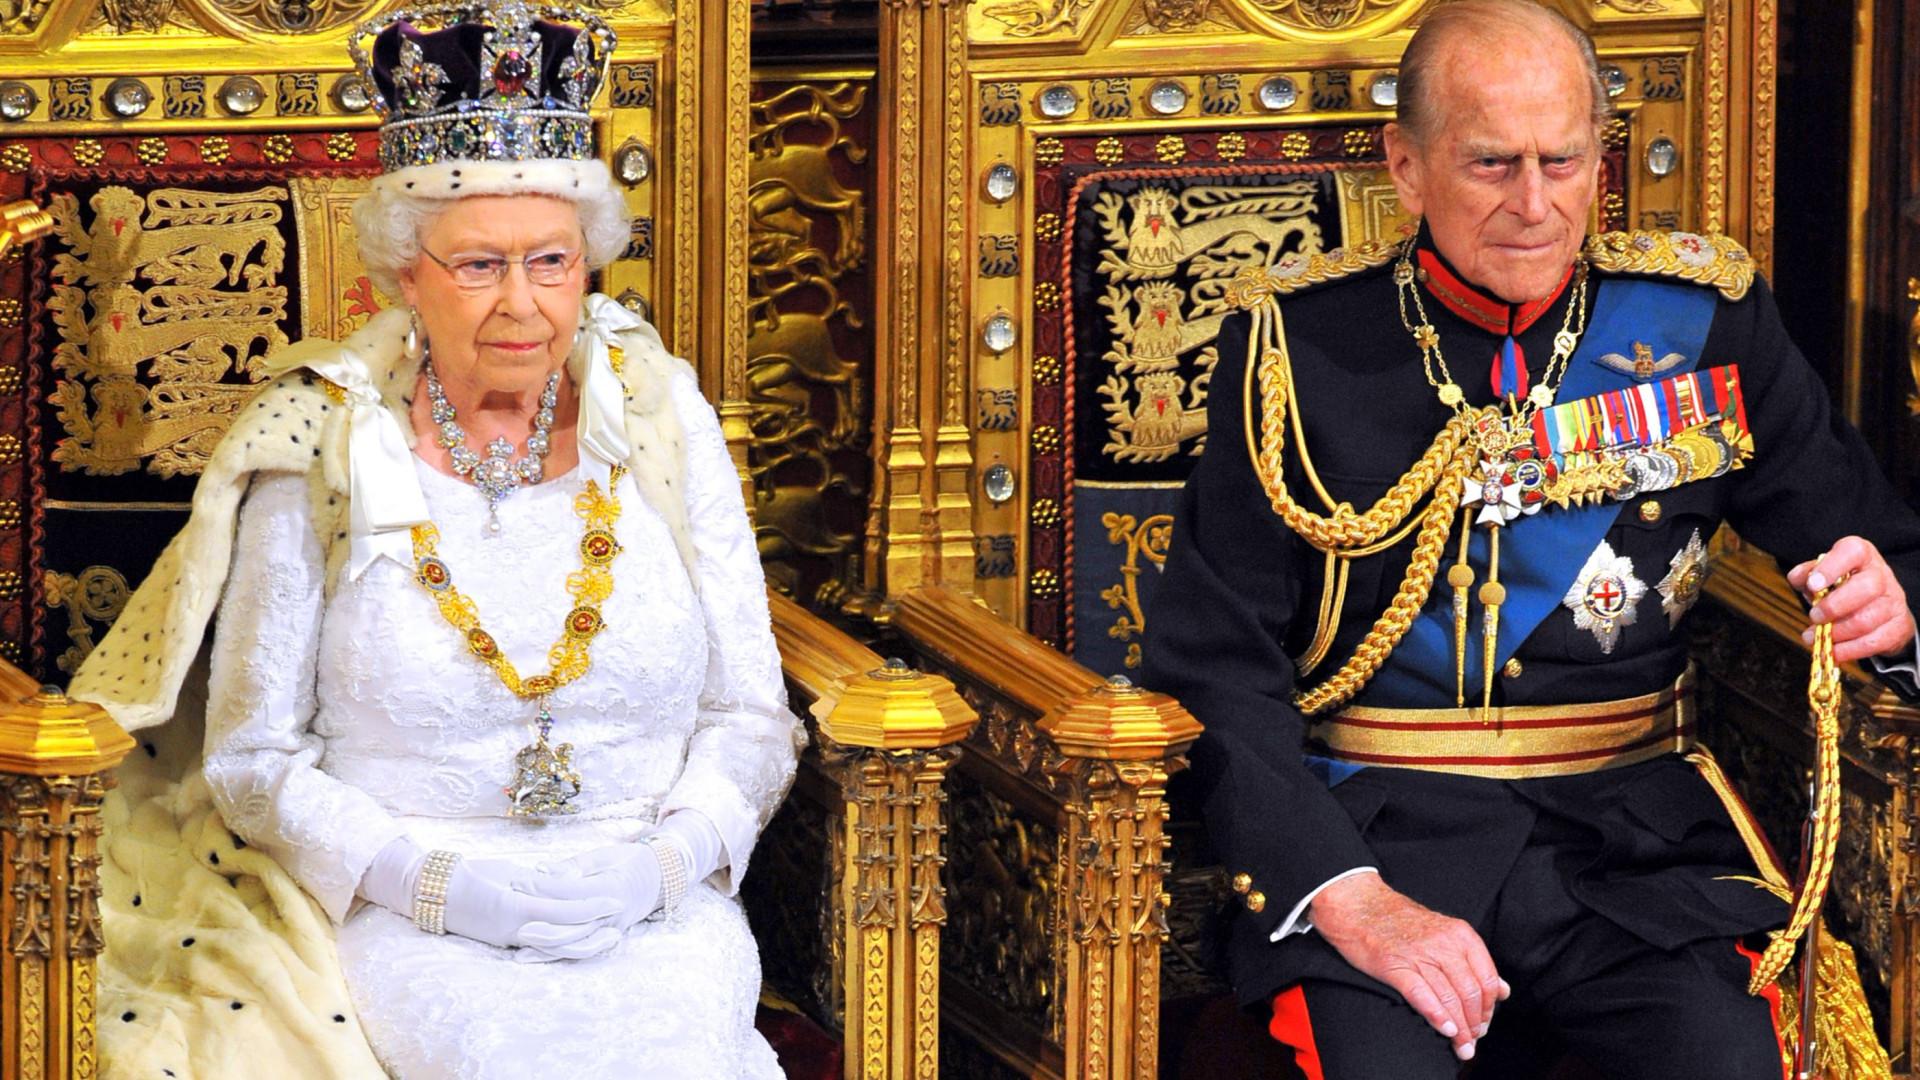 Filipe de Edimburgo, marido da rainha Isabel II, sofre acidente de carro